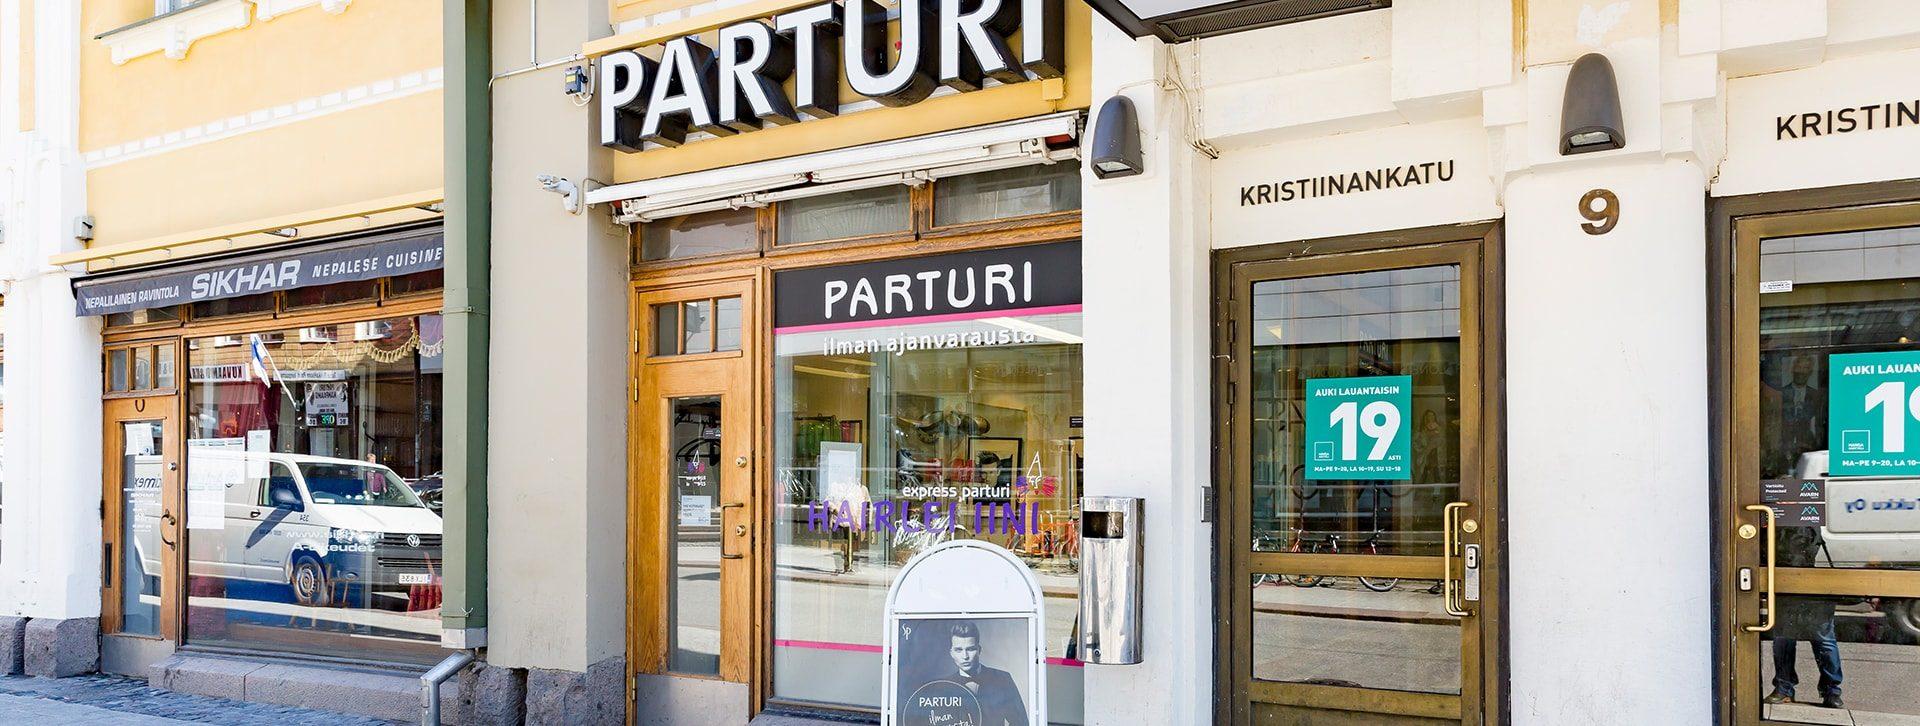 hansakortteli_express_parturi_hairlekiini